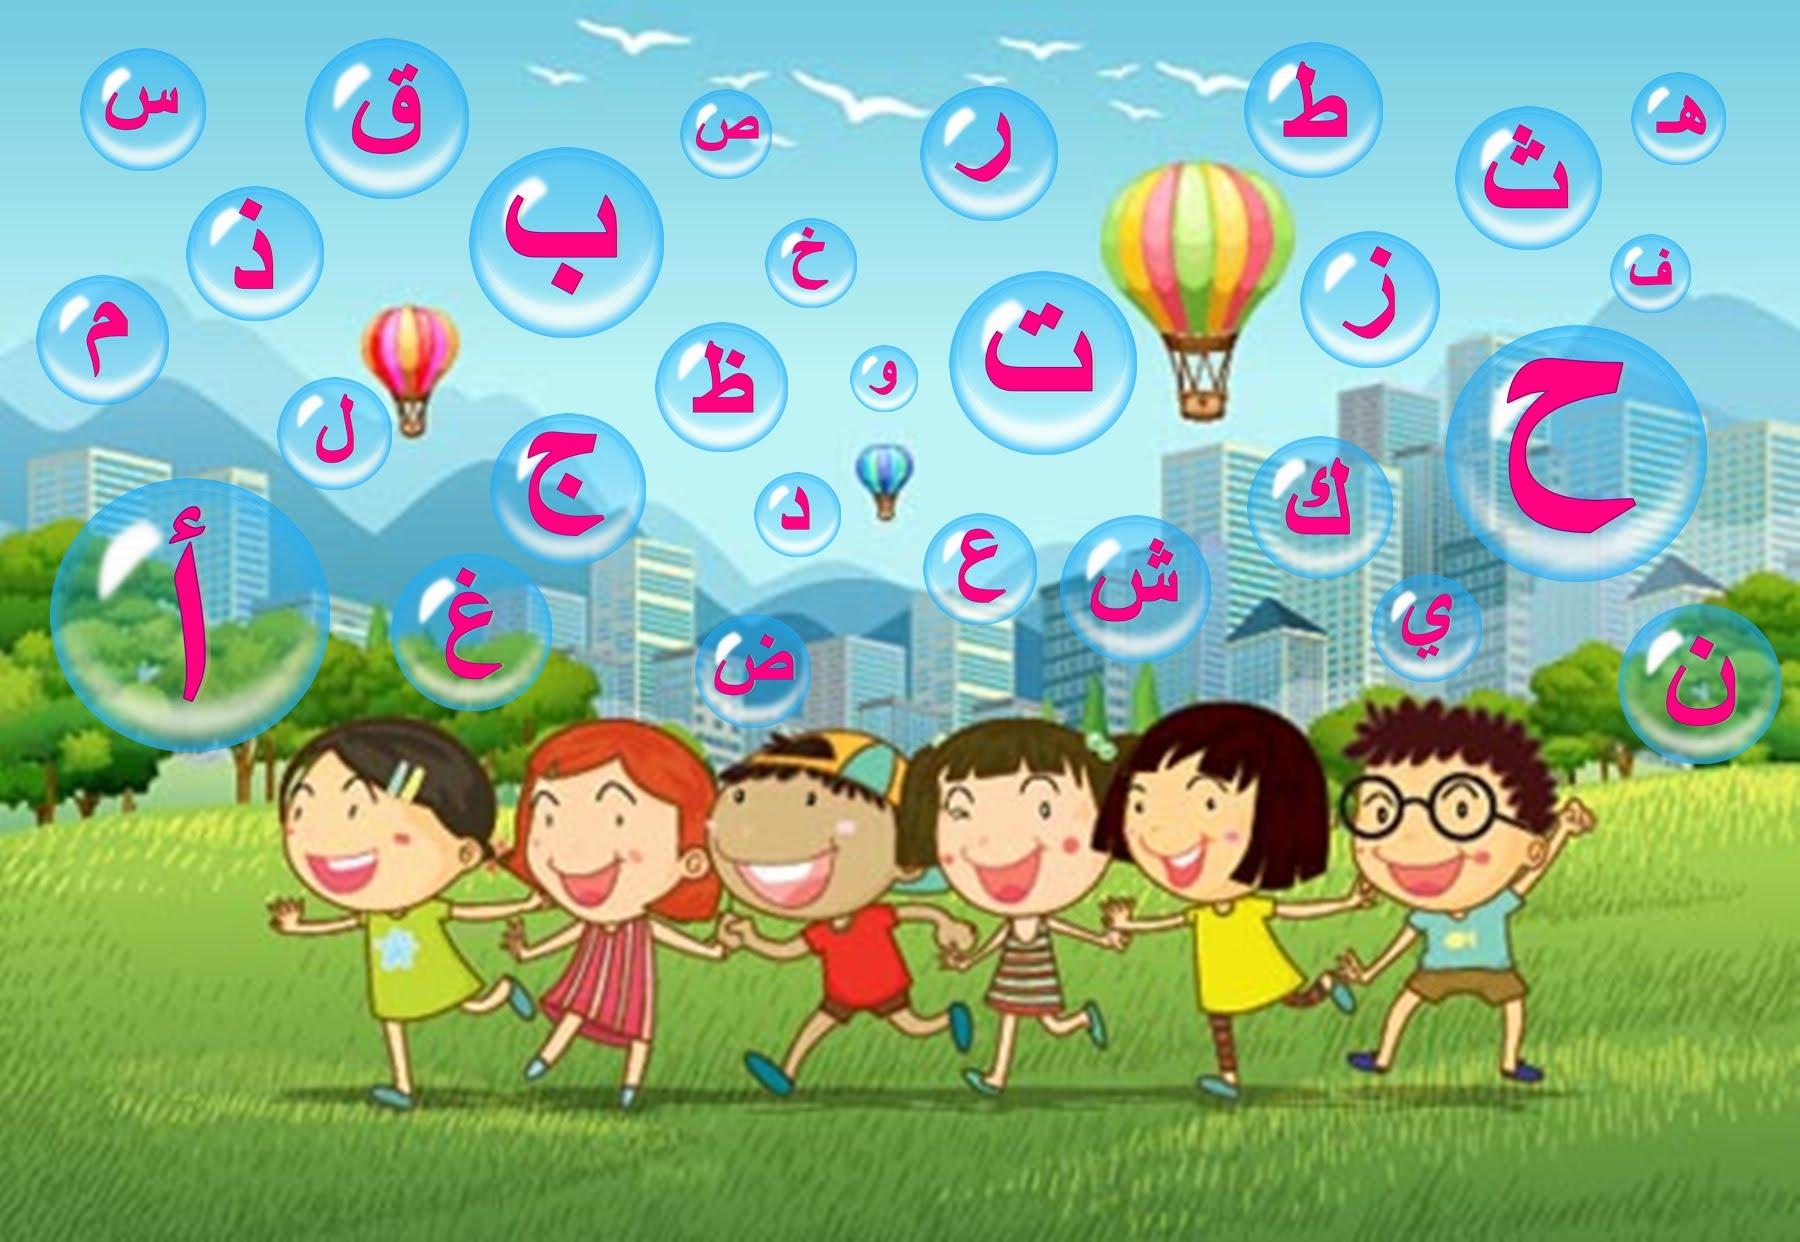 تحميل كتاب الحروف الابجدية للاطفال